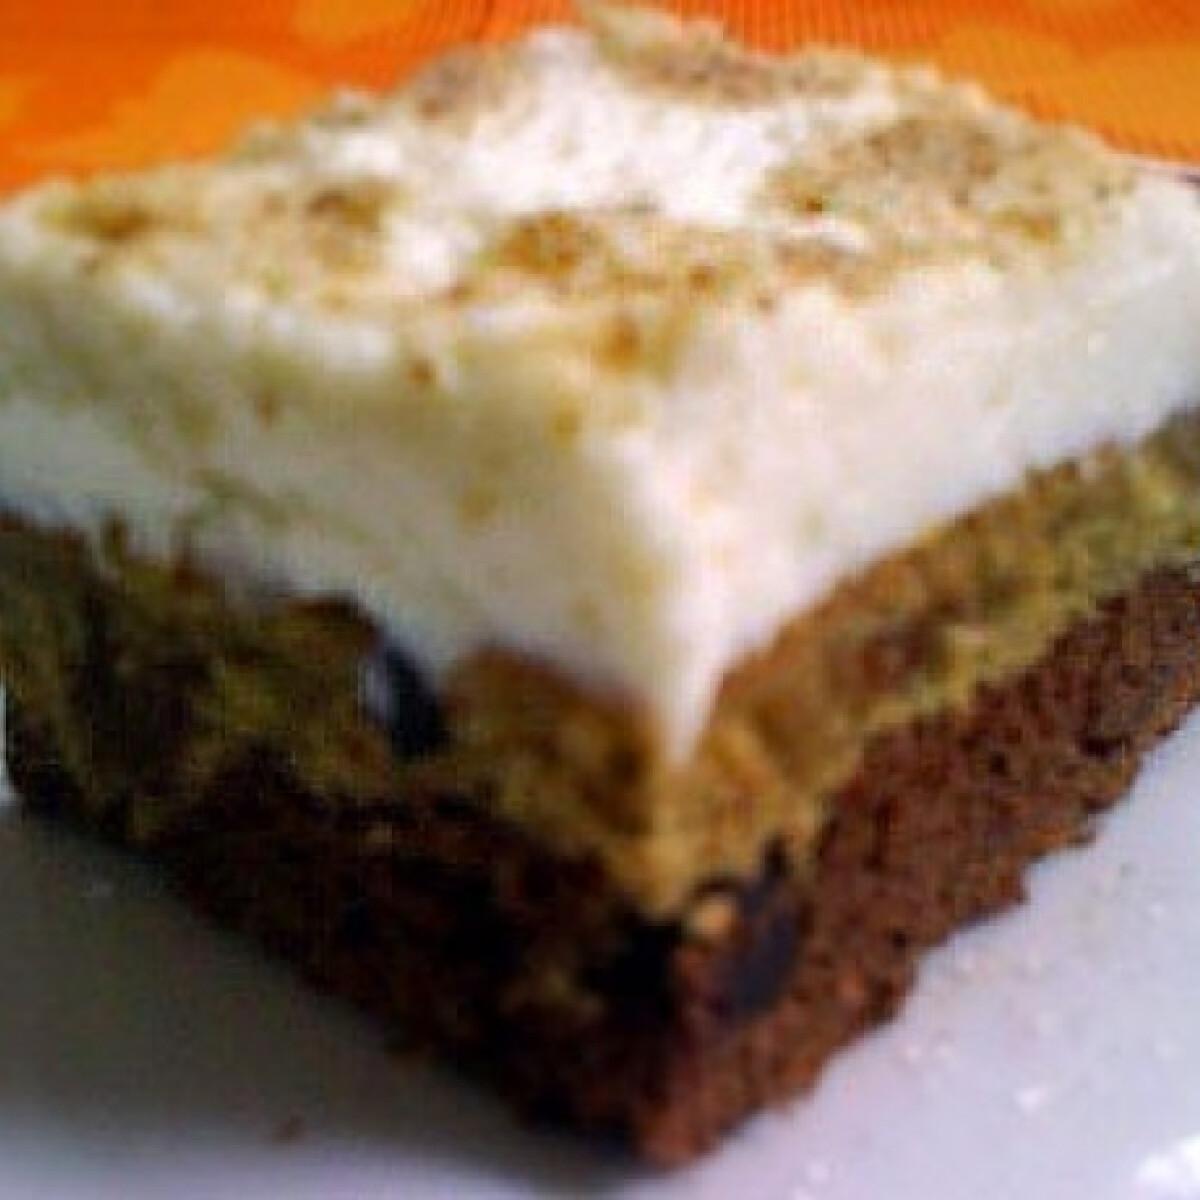 Ezen a képen: Latte Macchiato kocka